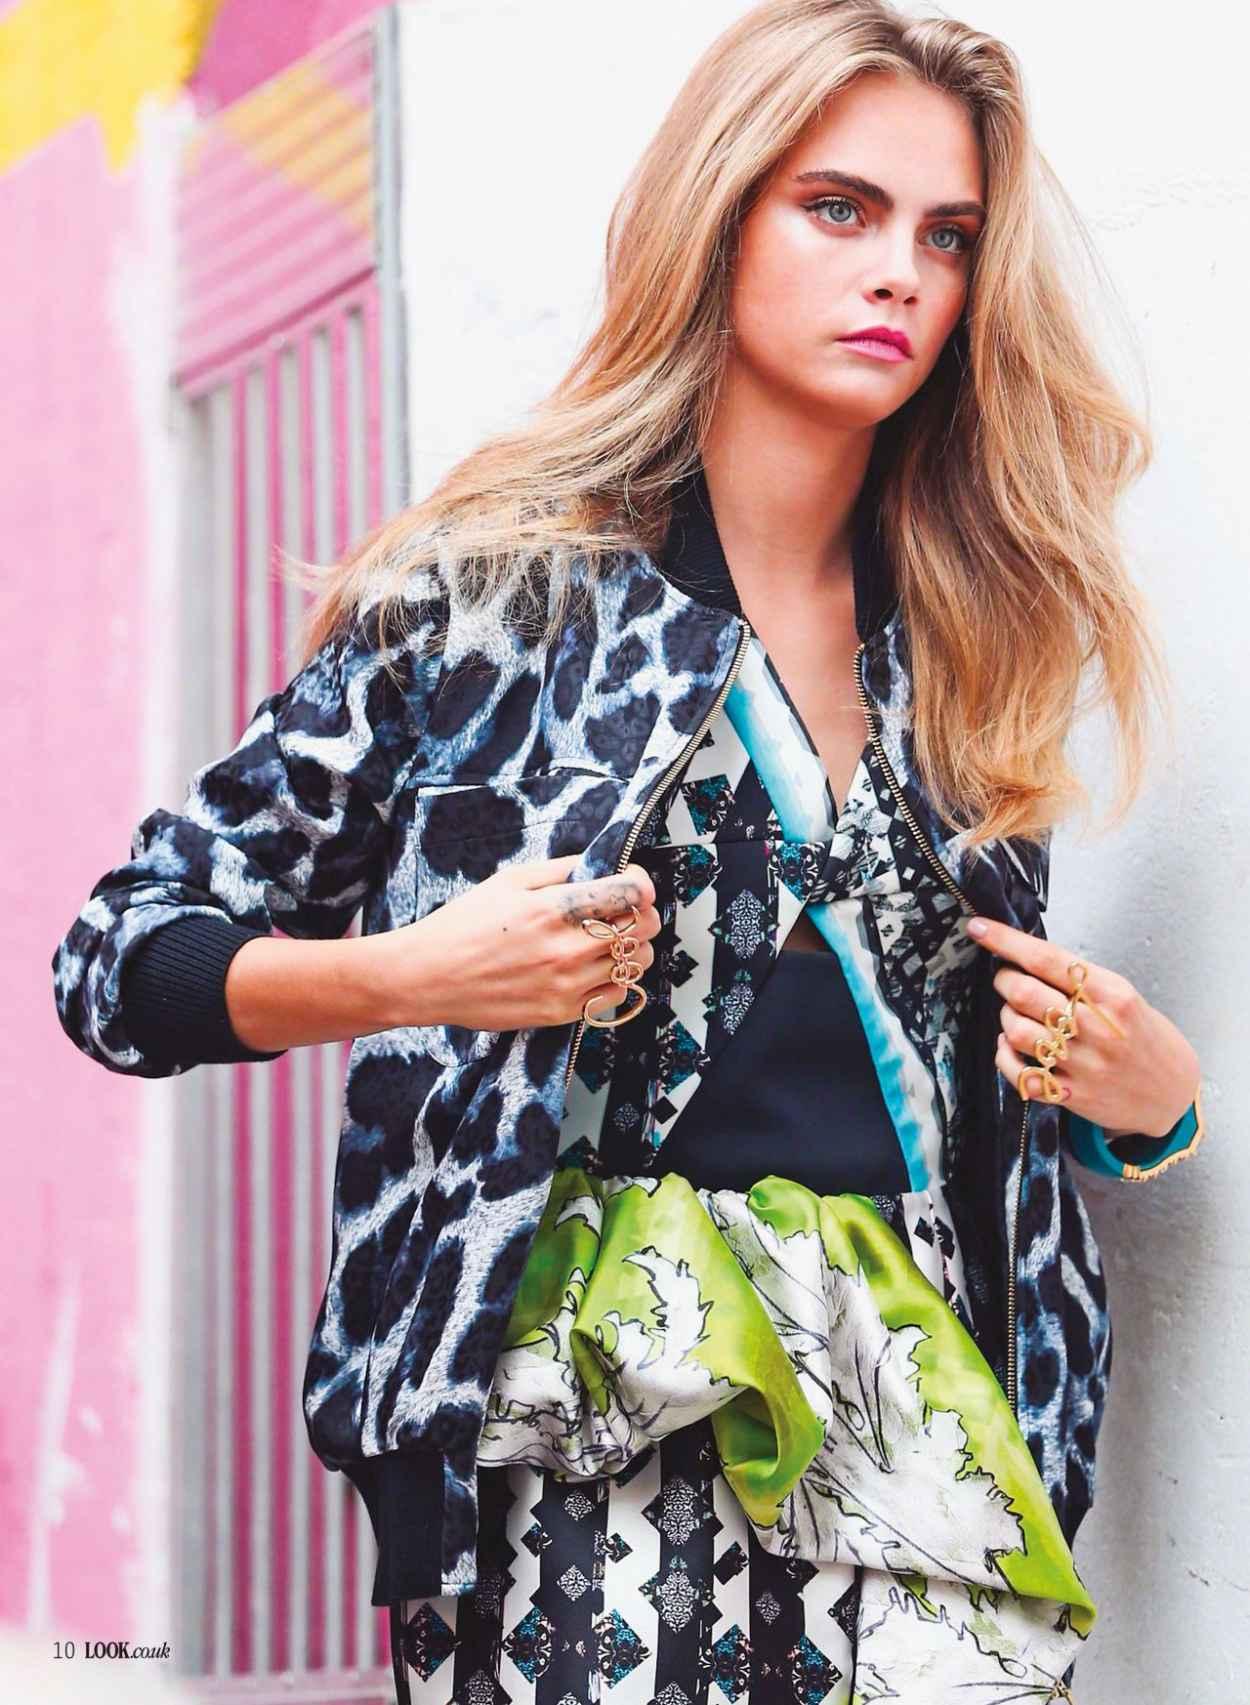 Cara Delevingne - LOOK Magazine (UK) - January 2015 Issue-1